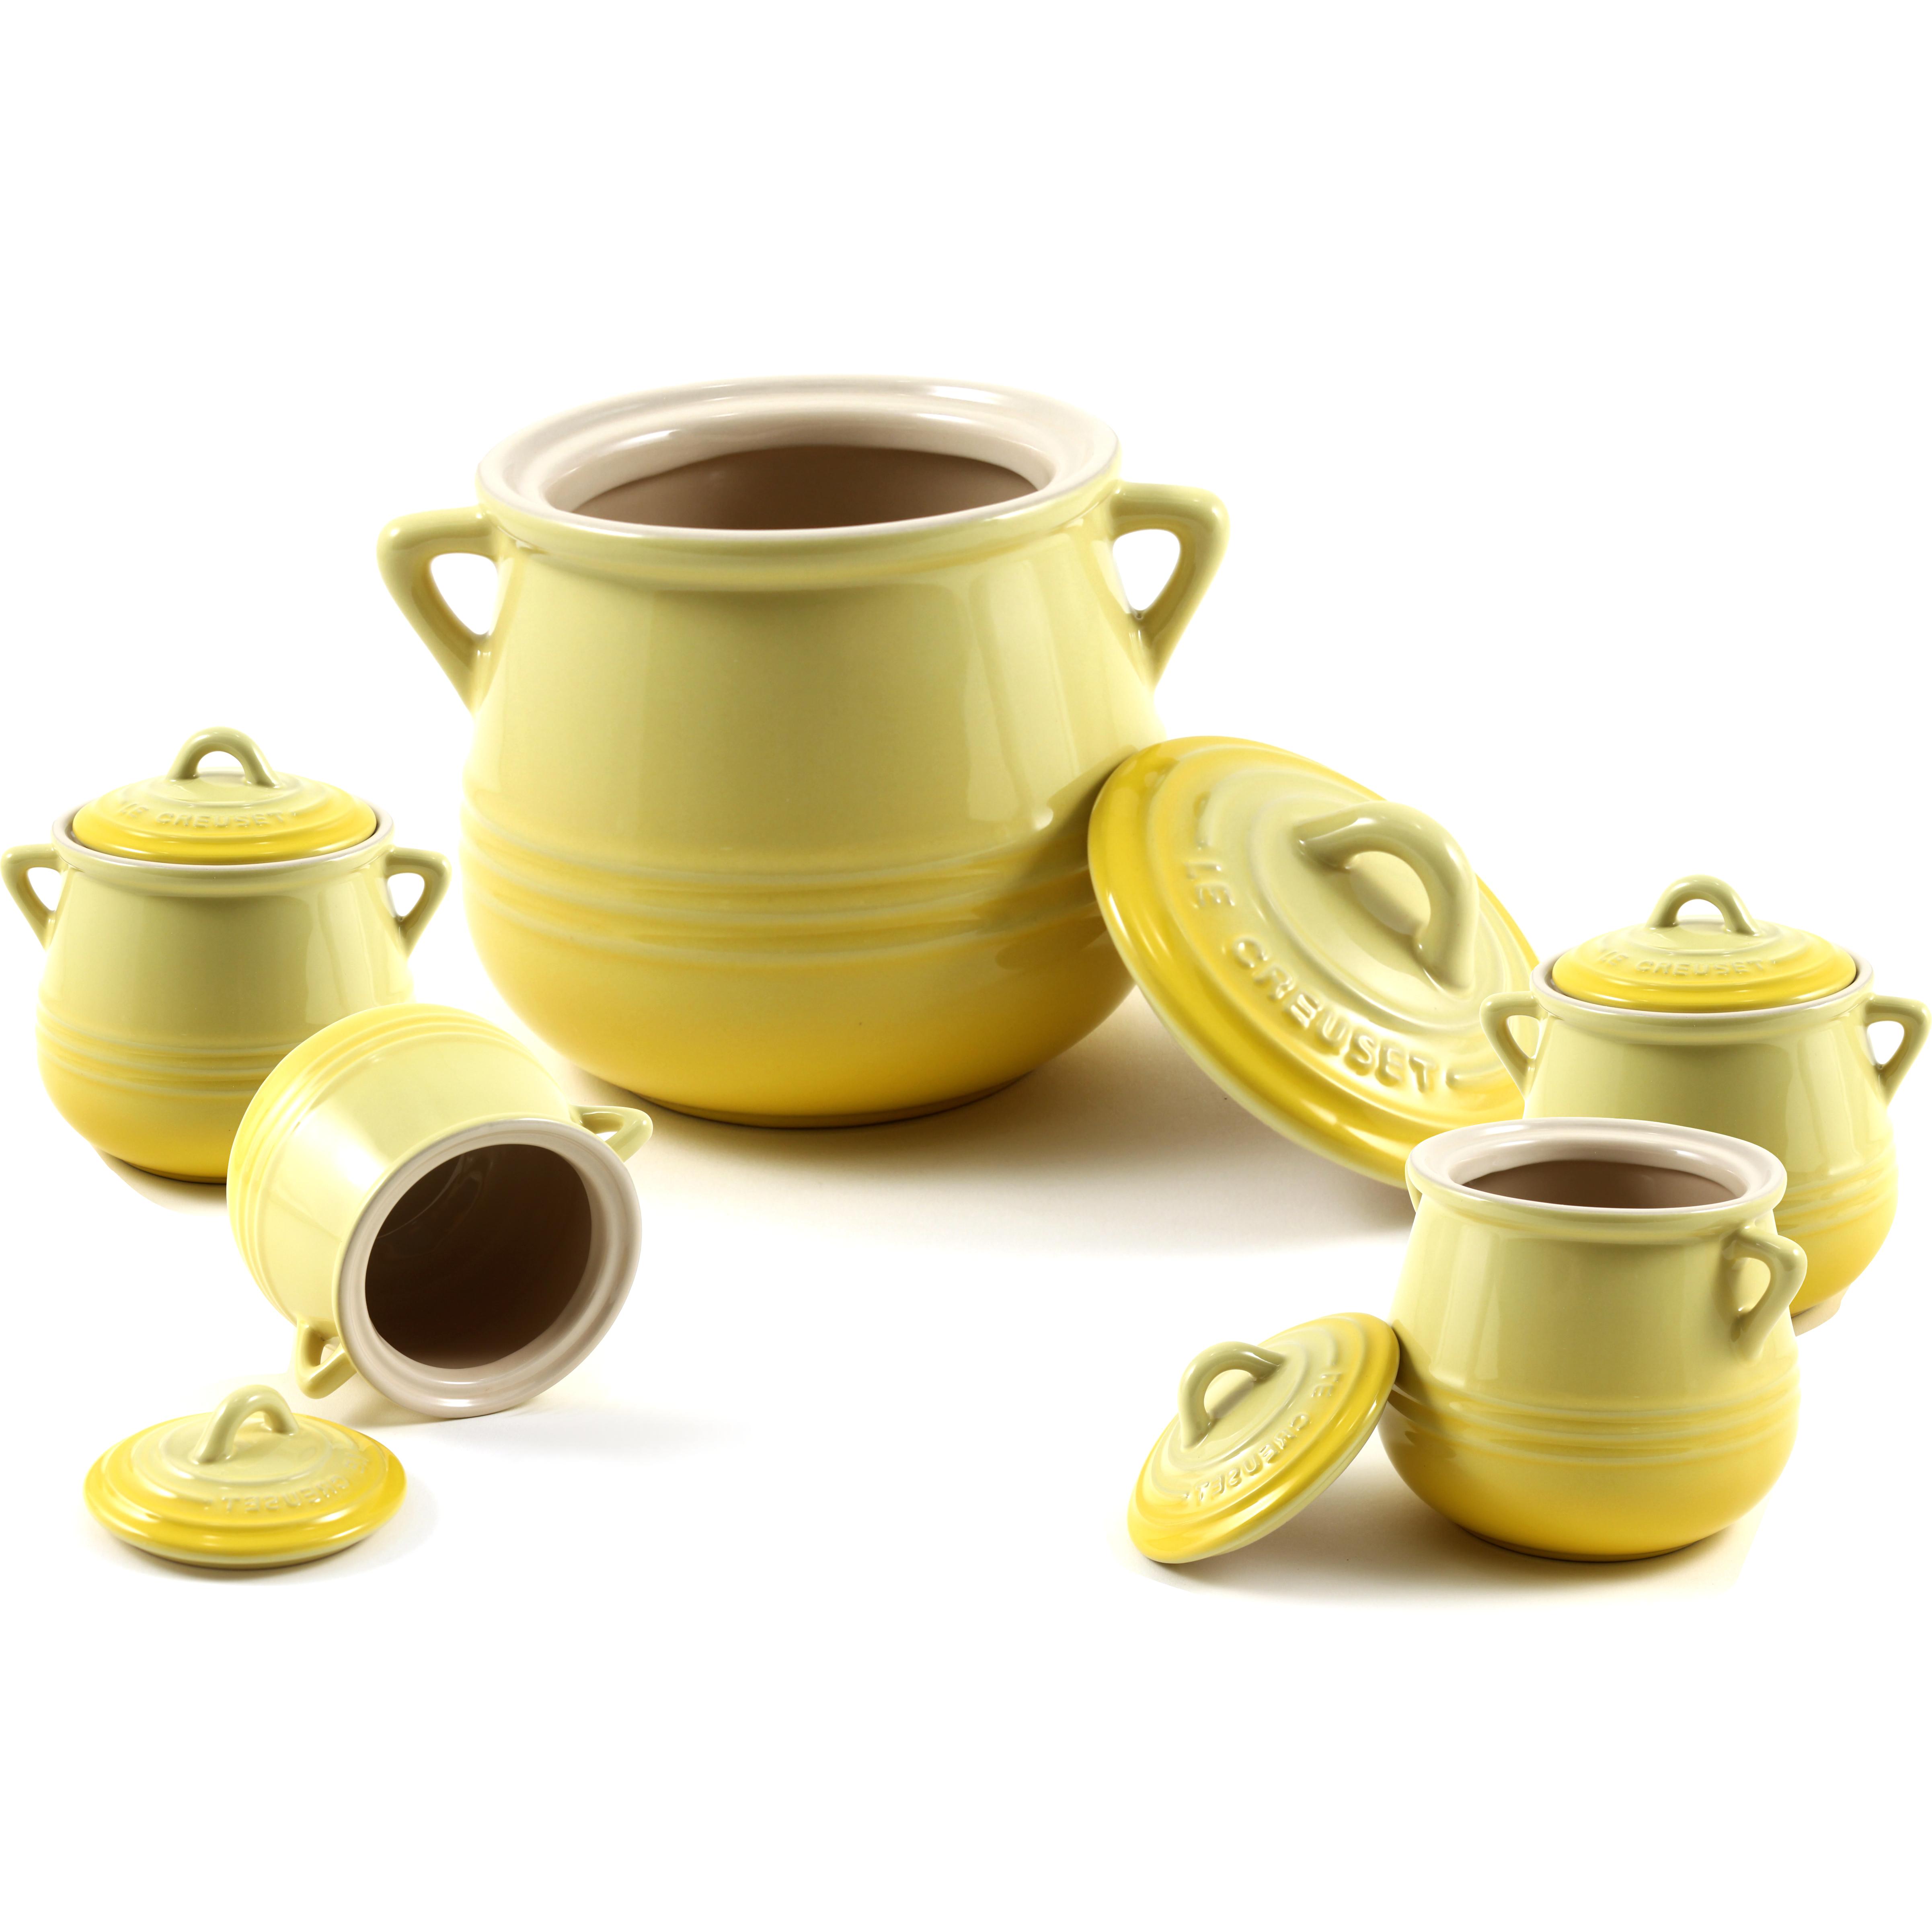 Le Creuset Heritage Soleil Stoneware 5 Piece Bean Pot Set